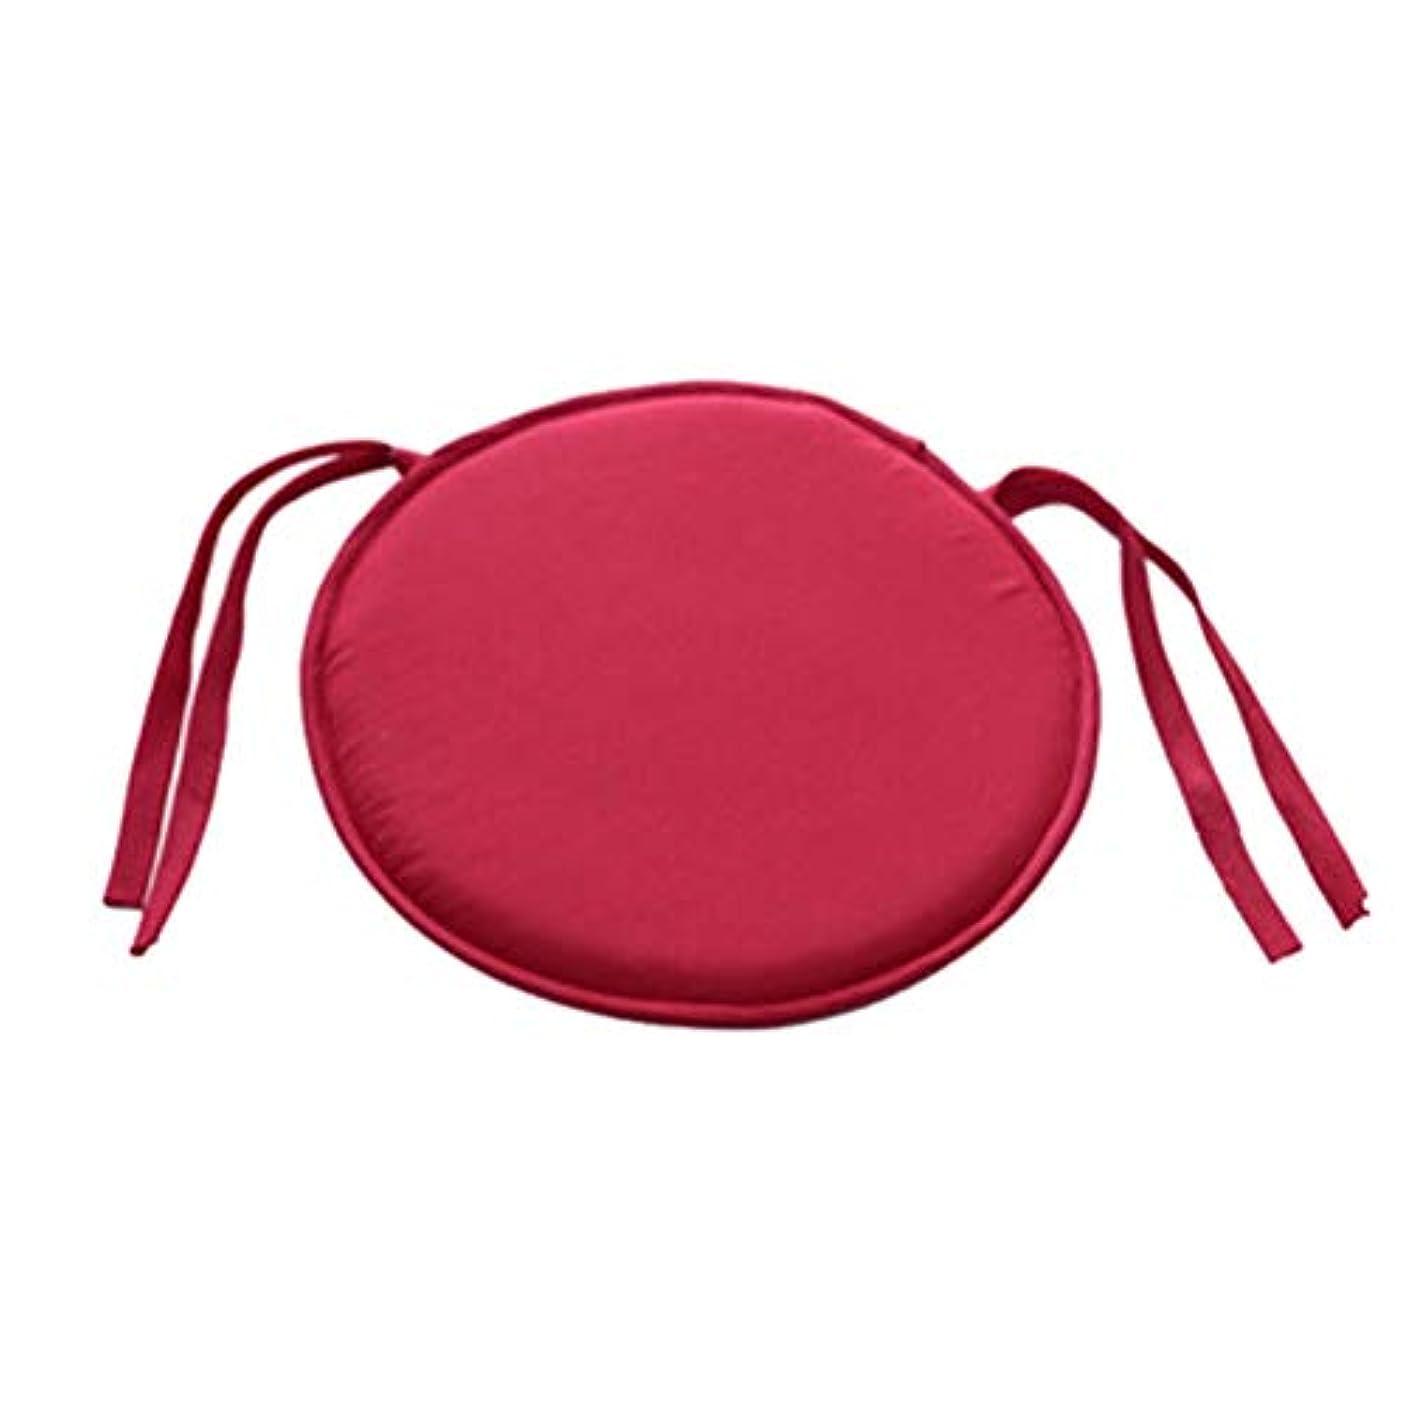 辛い攻撃支店LIFE ホット販売ラウンドチェアクッション屋内ポップパティオオフィスチェアシートパッドネクタイスクエアガーデンキッチンダイニングクッション クッション 椅子